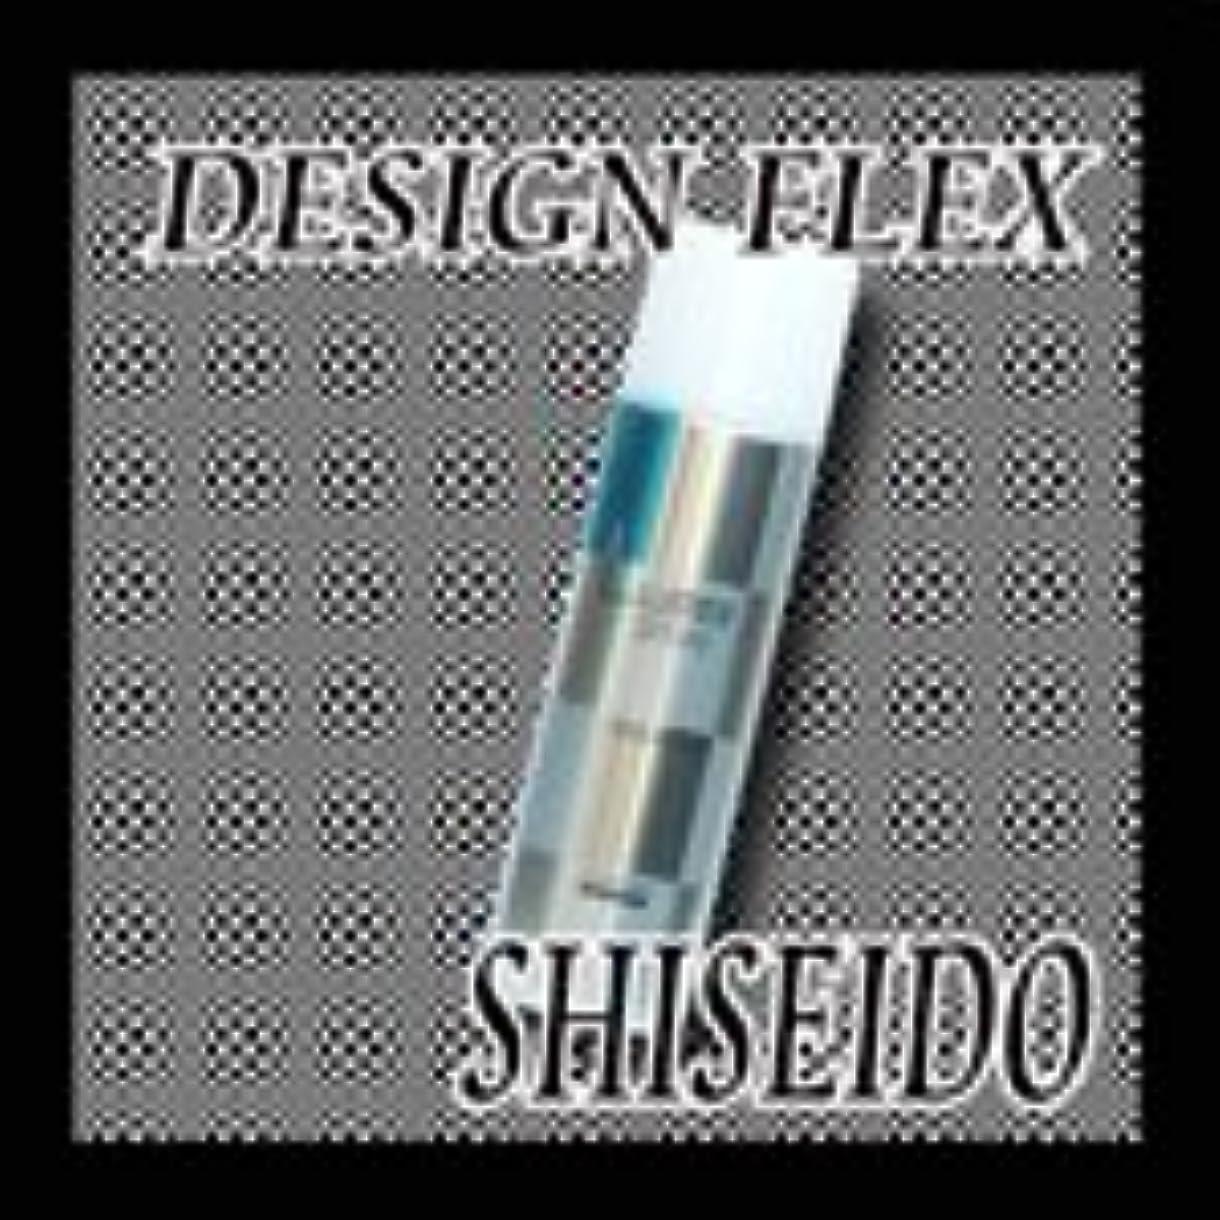 批判的に無能言及するSHISEIDO 資生堂 プロフェッショナル DESIGN FLEX デザインフレックス ラスタースプレー215g